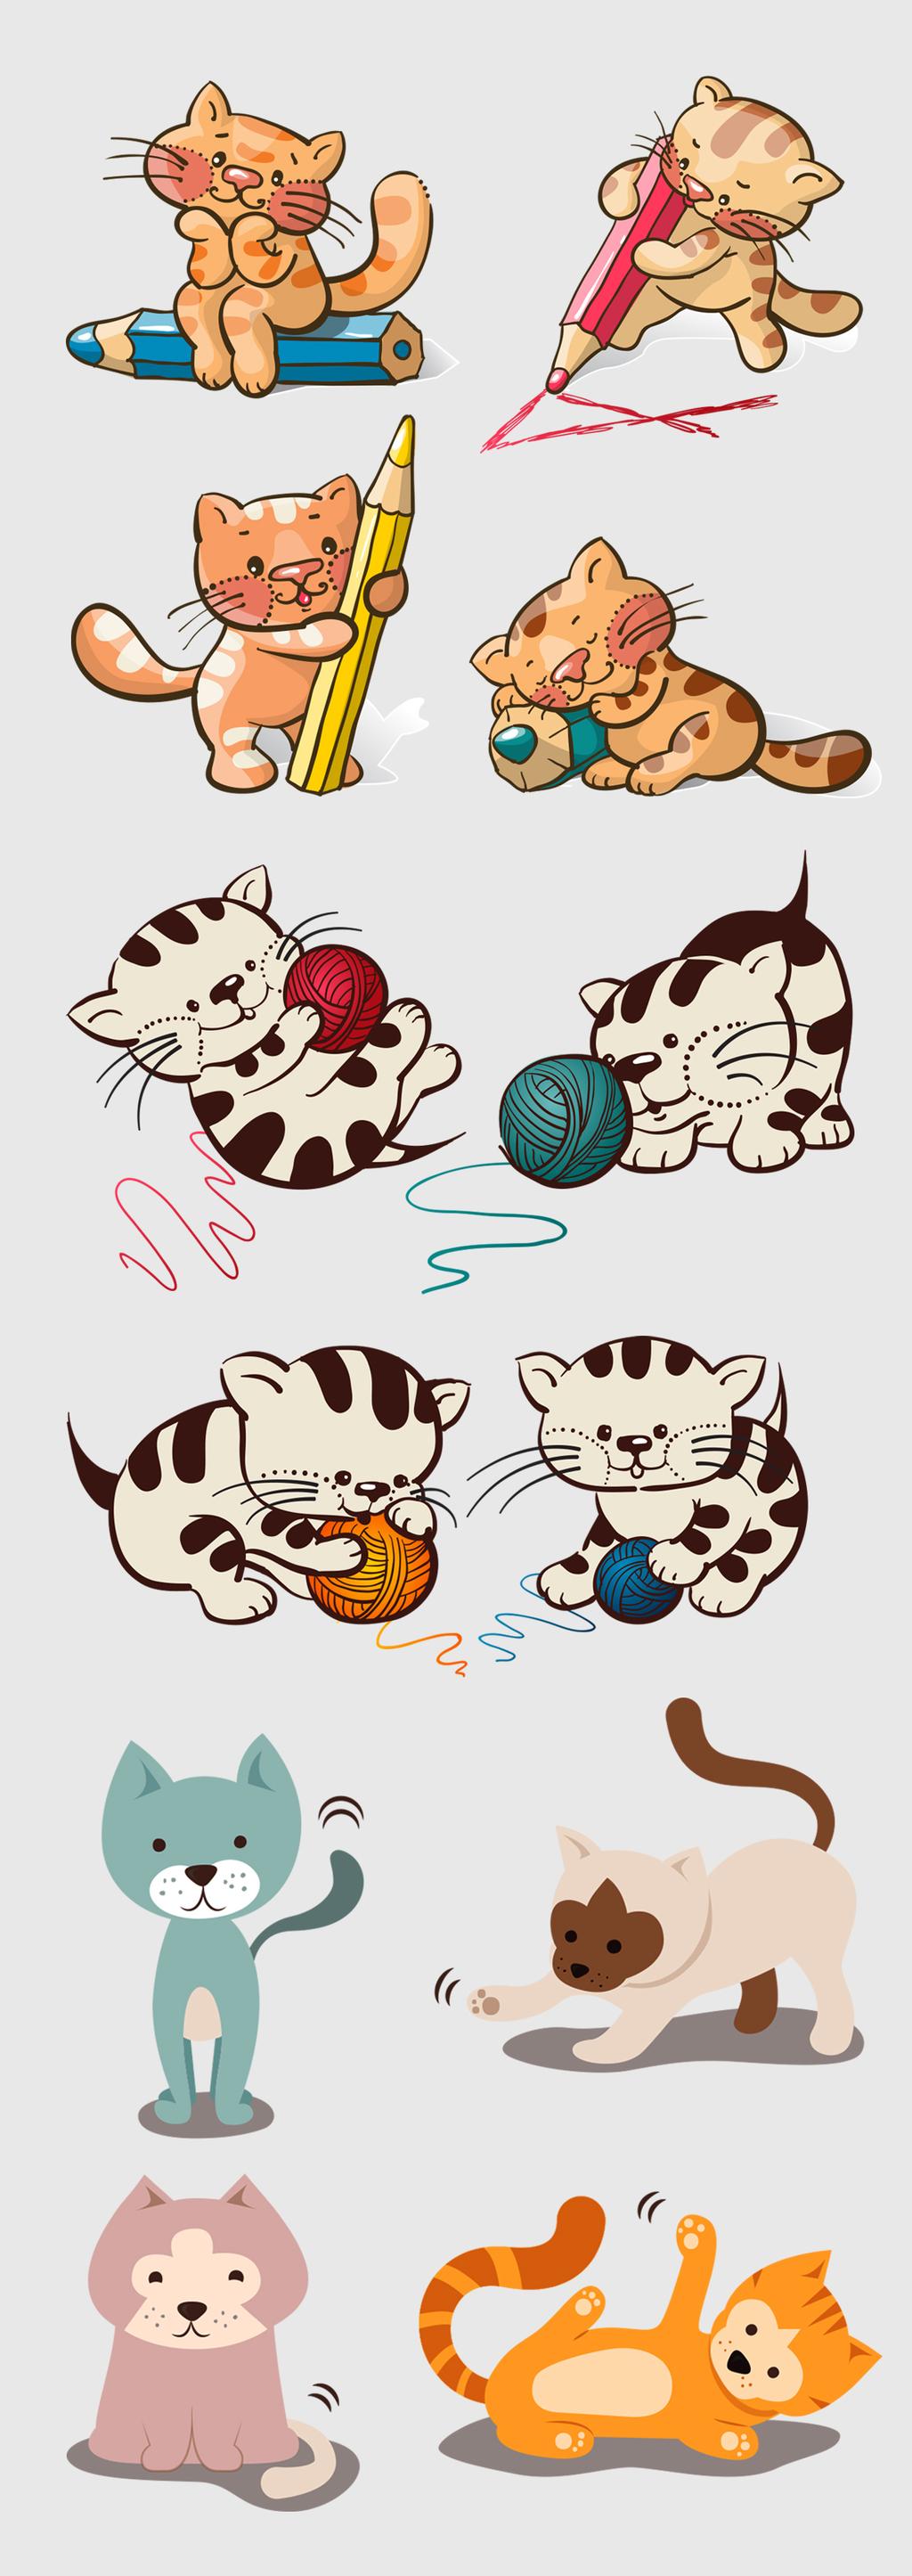 卡通小猫手绘猫矢量素材